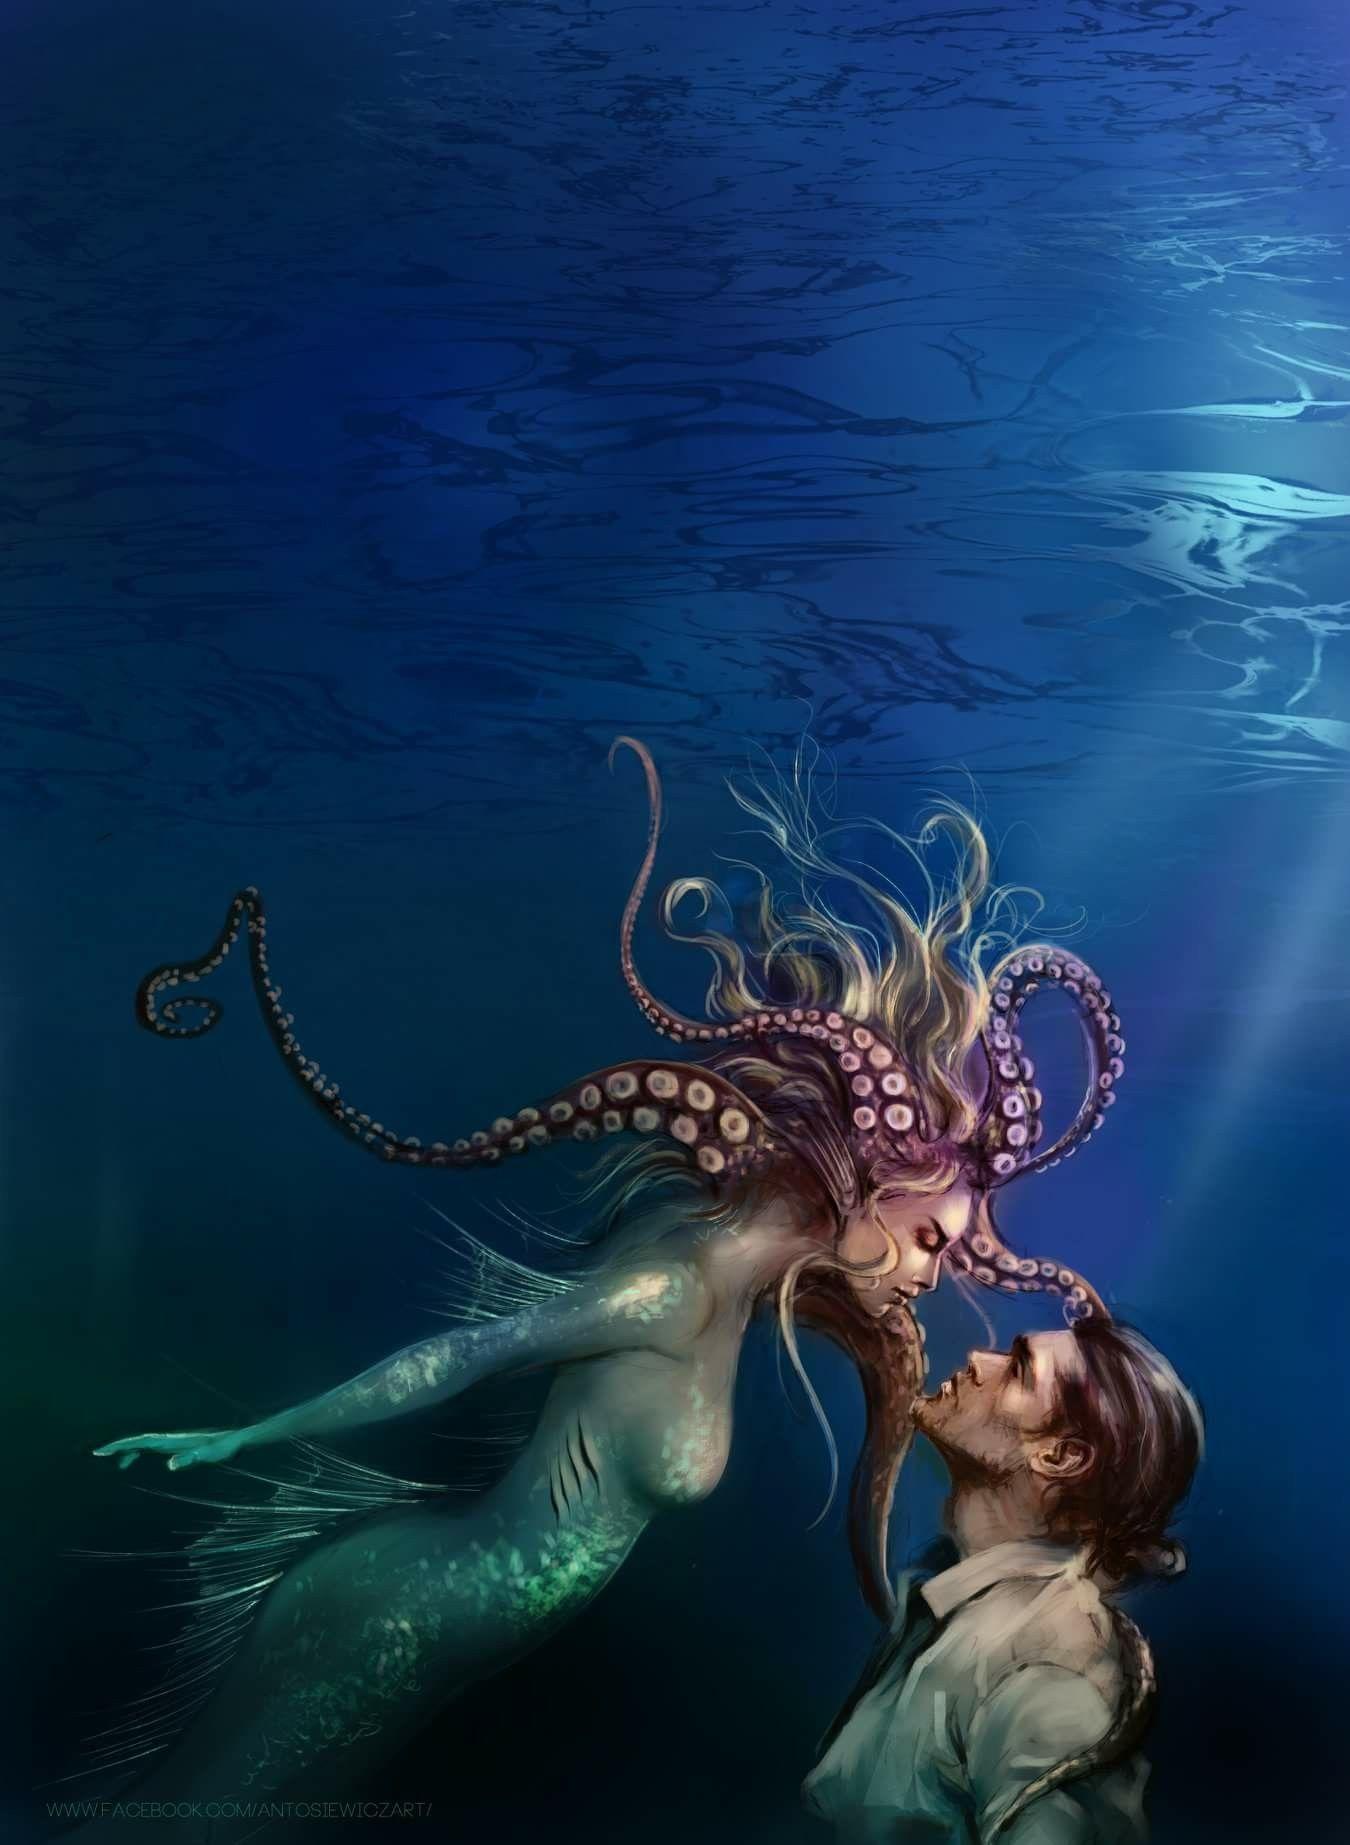 картинки подводного мира или с русалками работа низкое